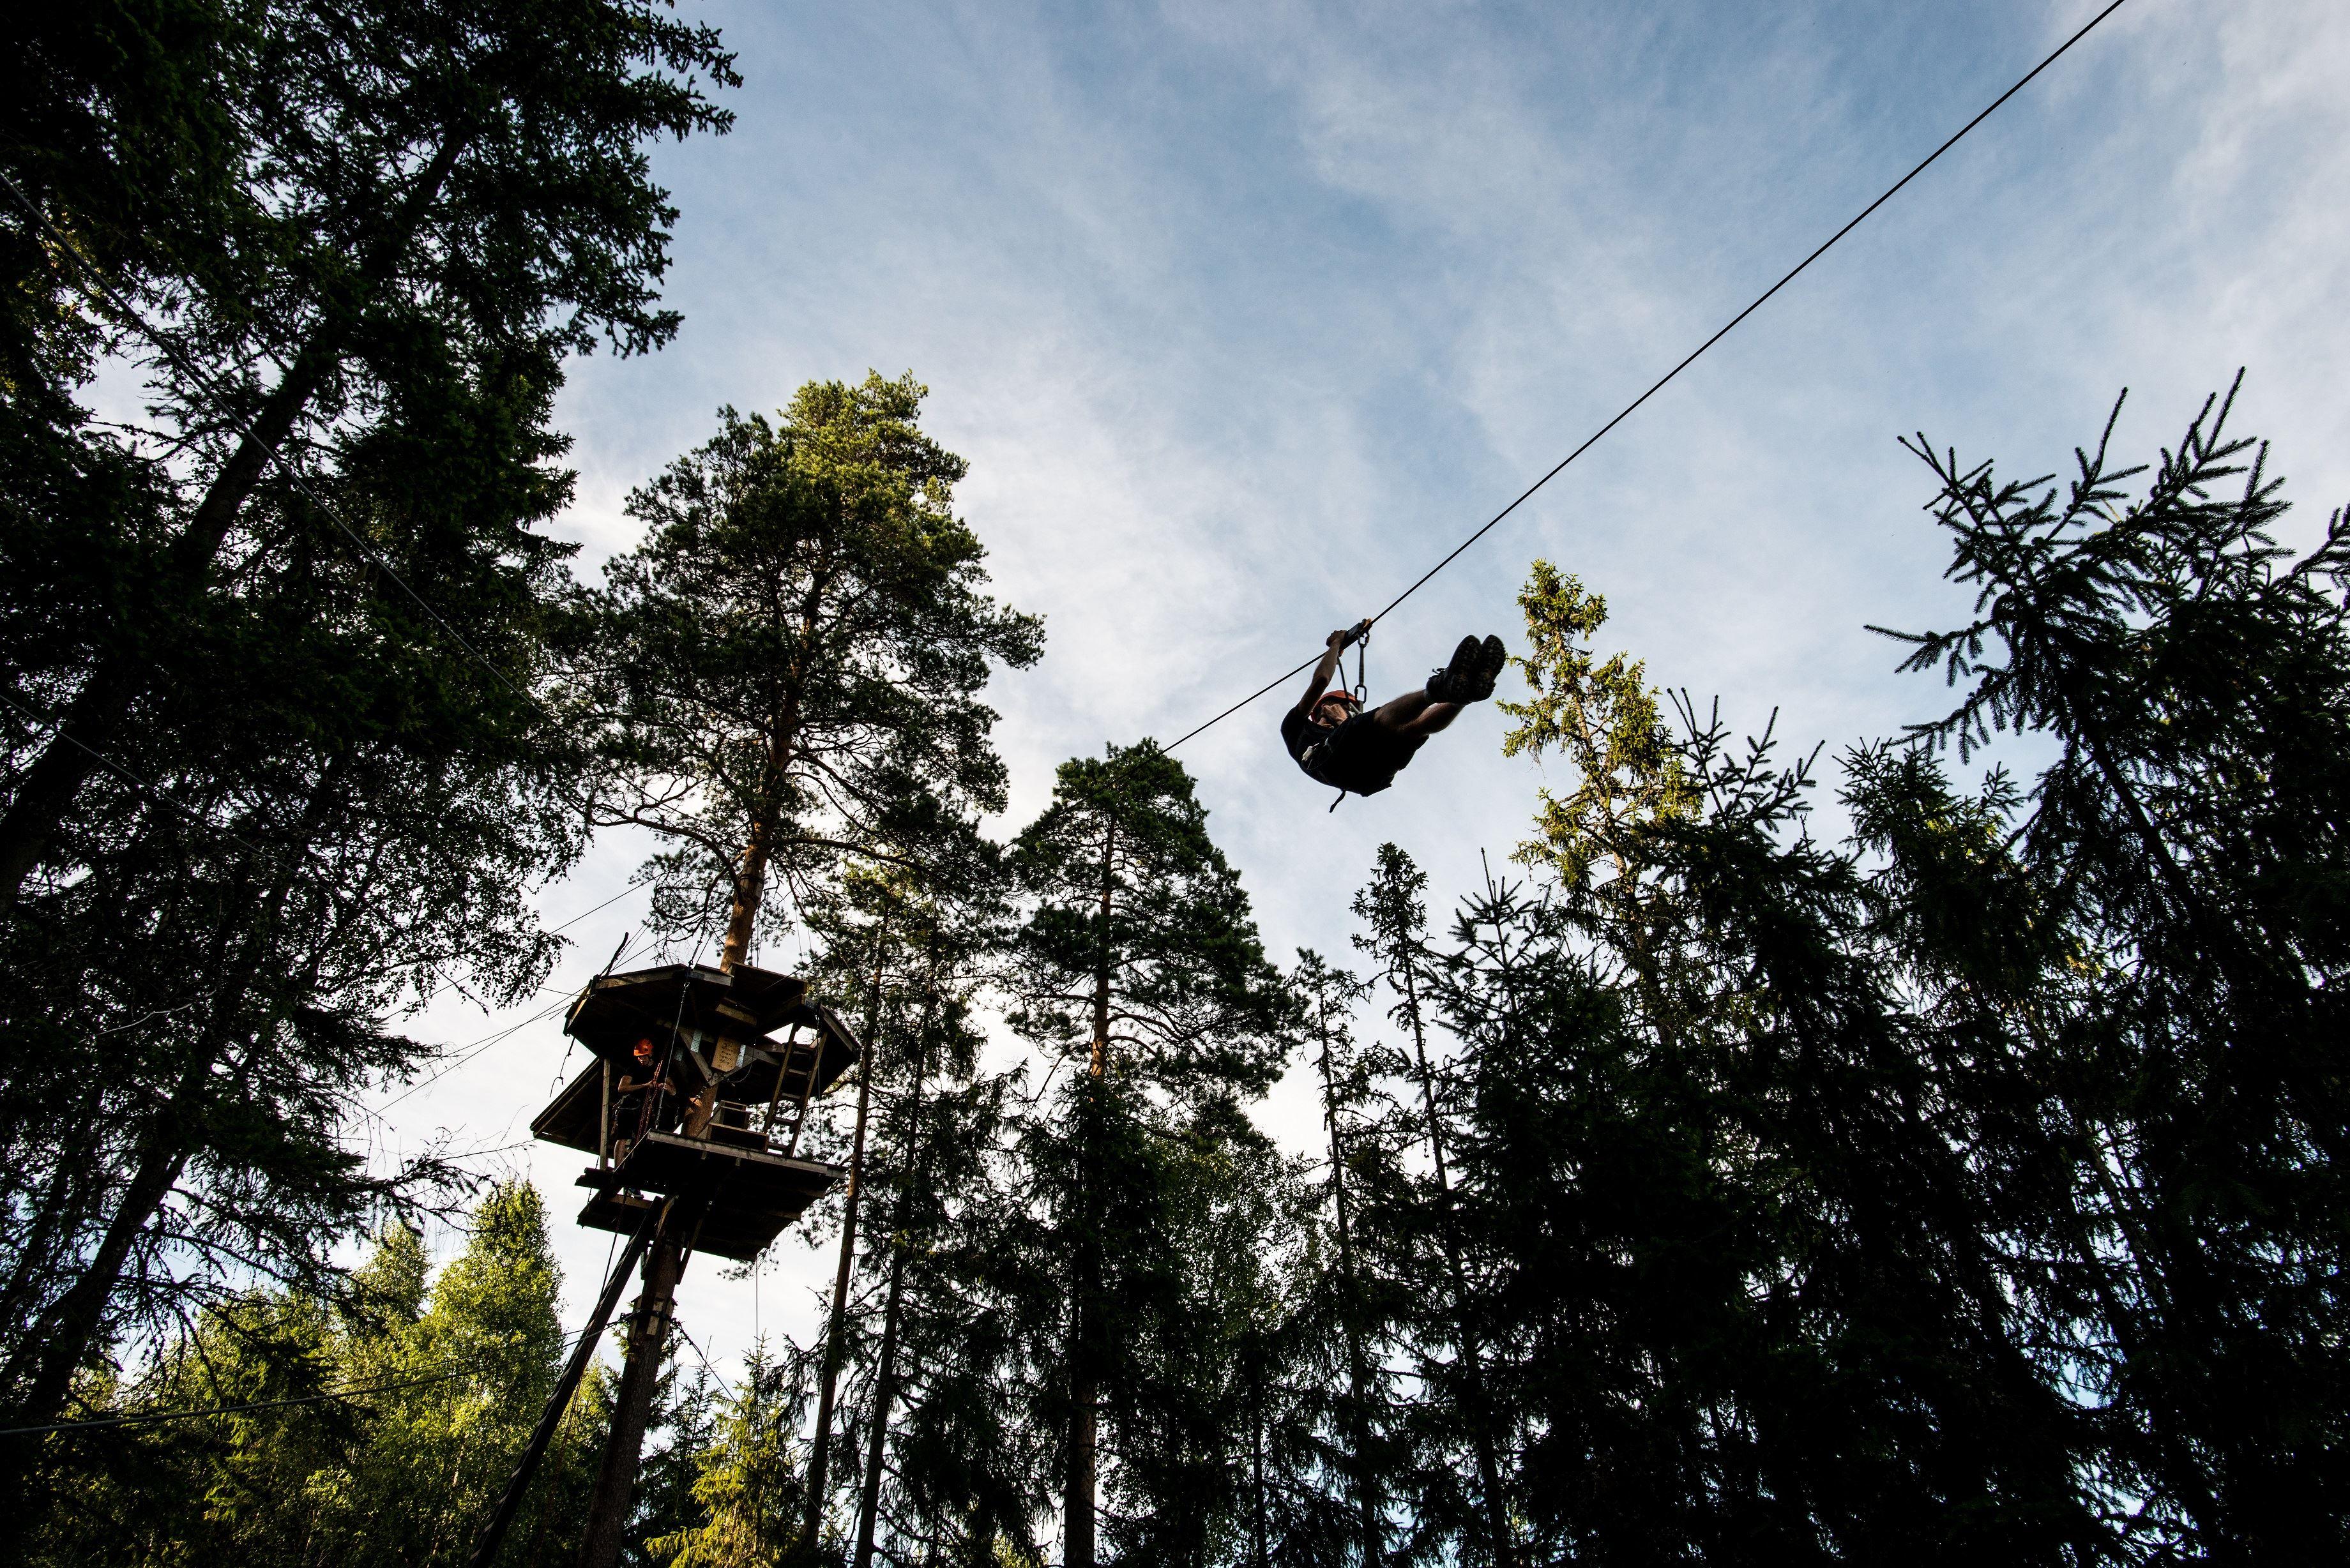 Zipline-Abenteuer